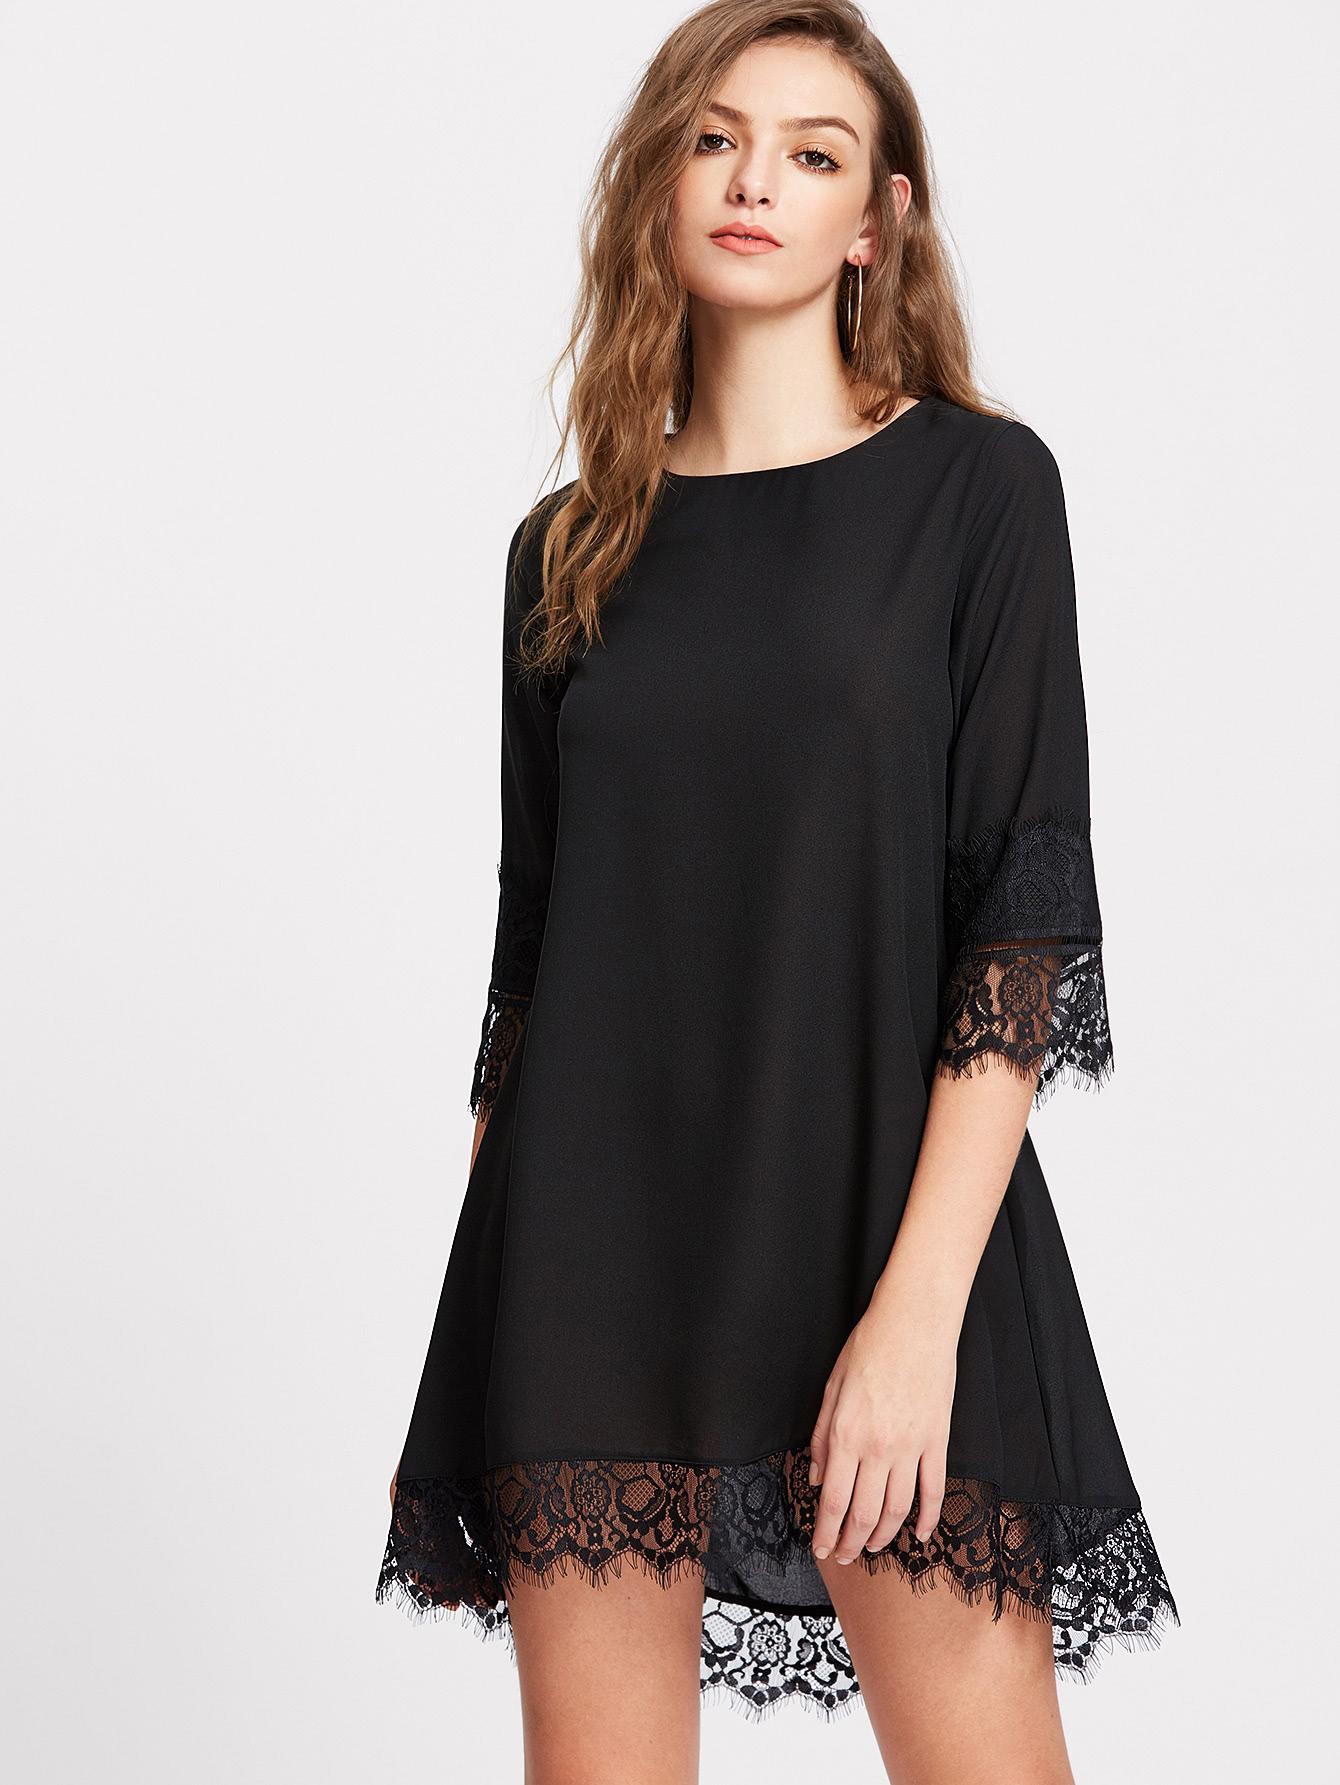 Eyelash Lace Trim Dip Hem Dress